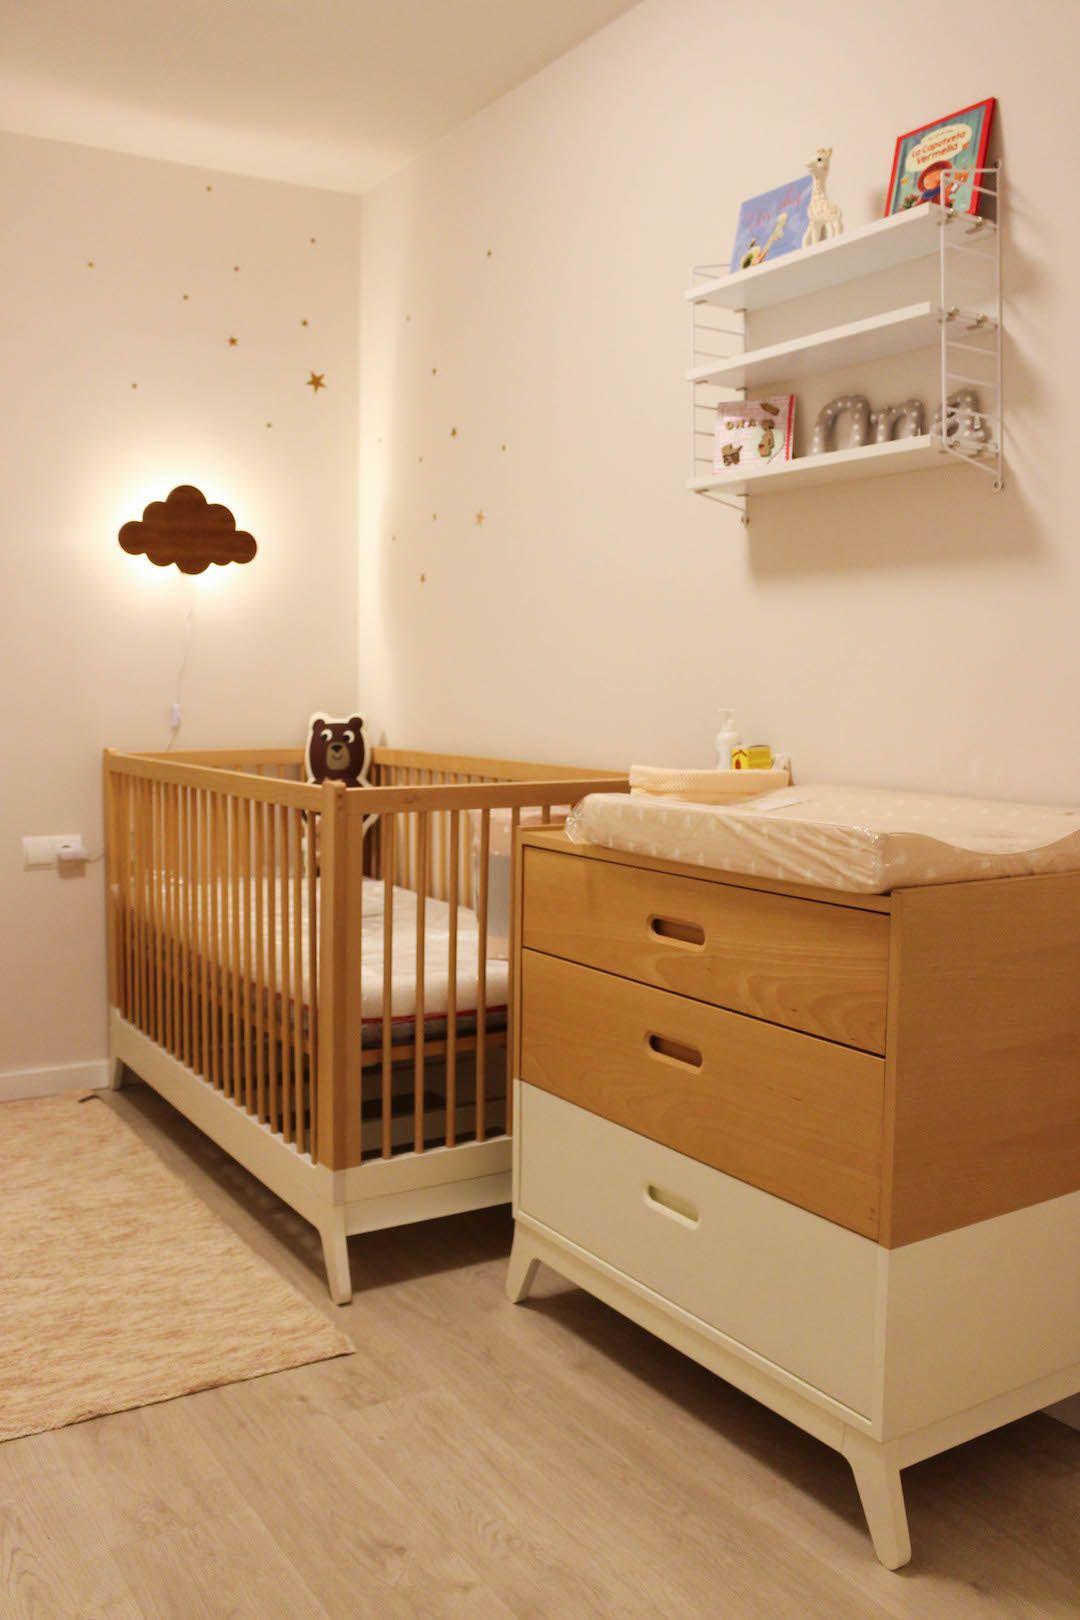 Decoración habitación infantil online Natural | cuarto bebe | Pinterest